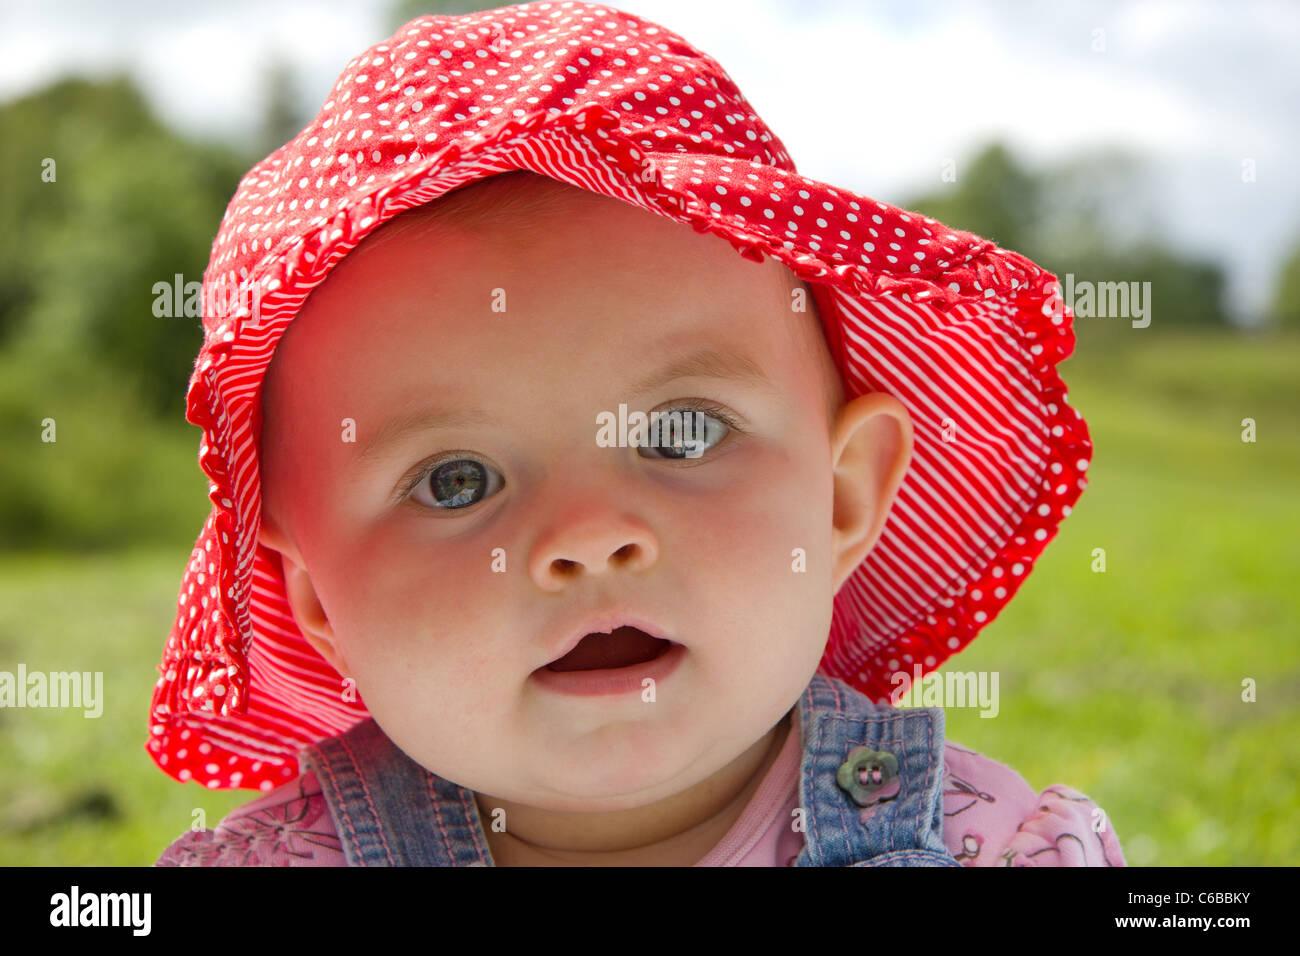 Splendida bambina seduta in un parco che indossa un simpatico estate hat Immagini Stock